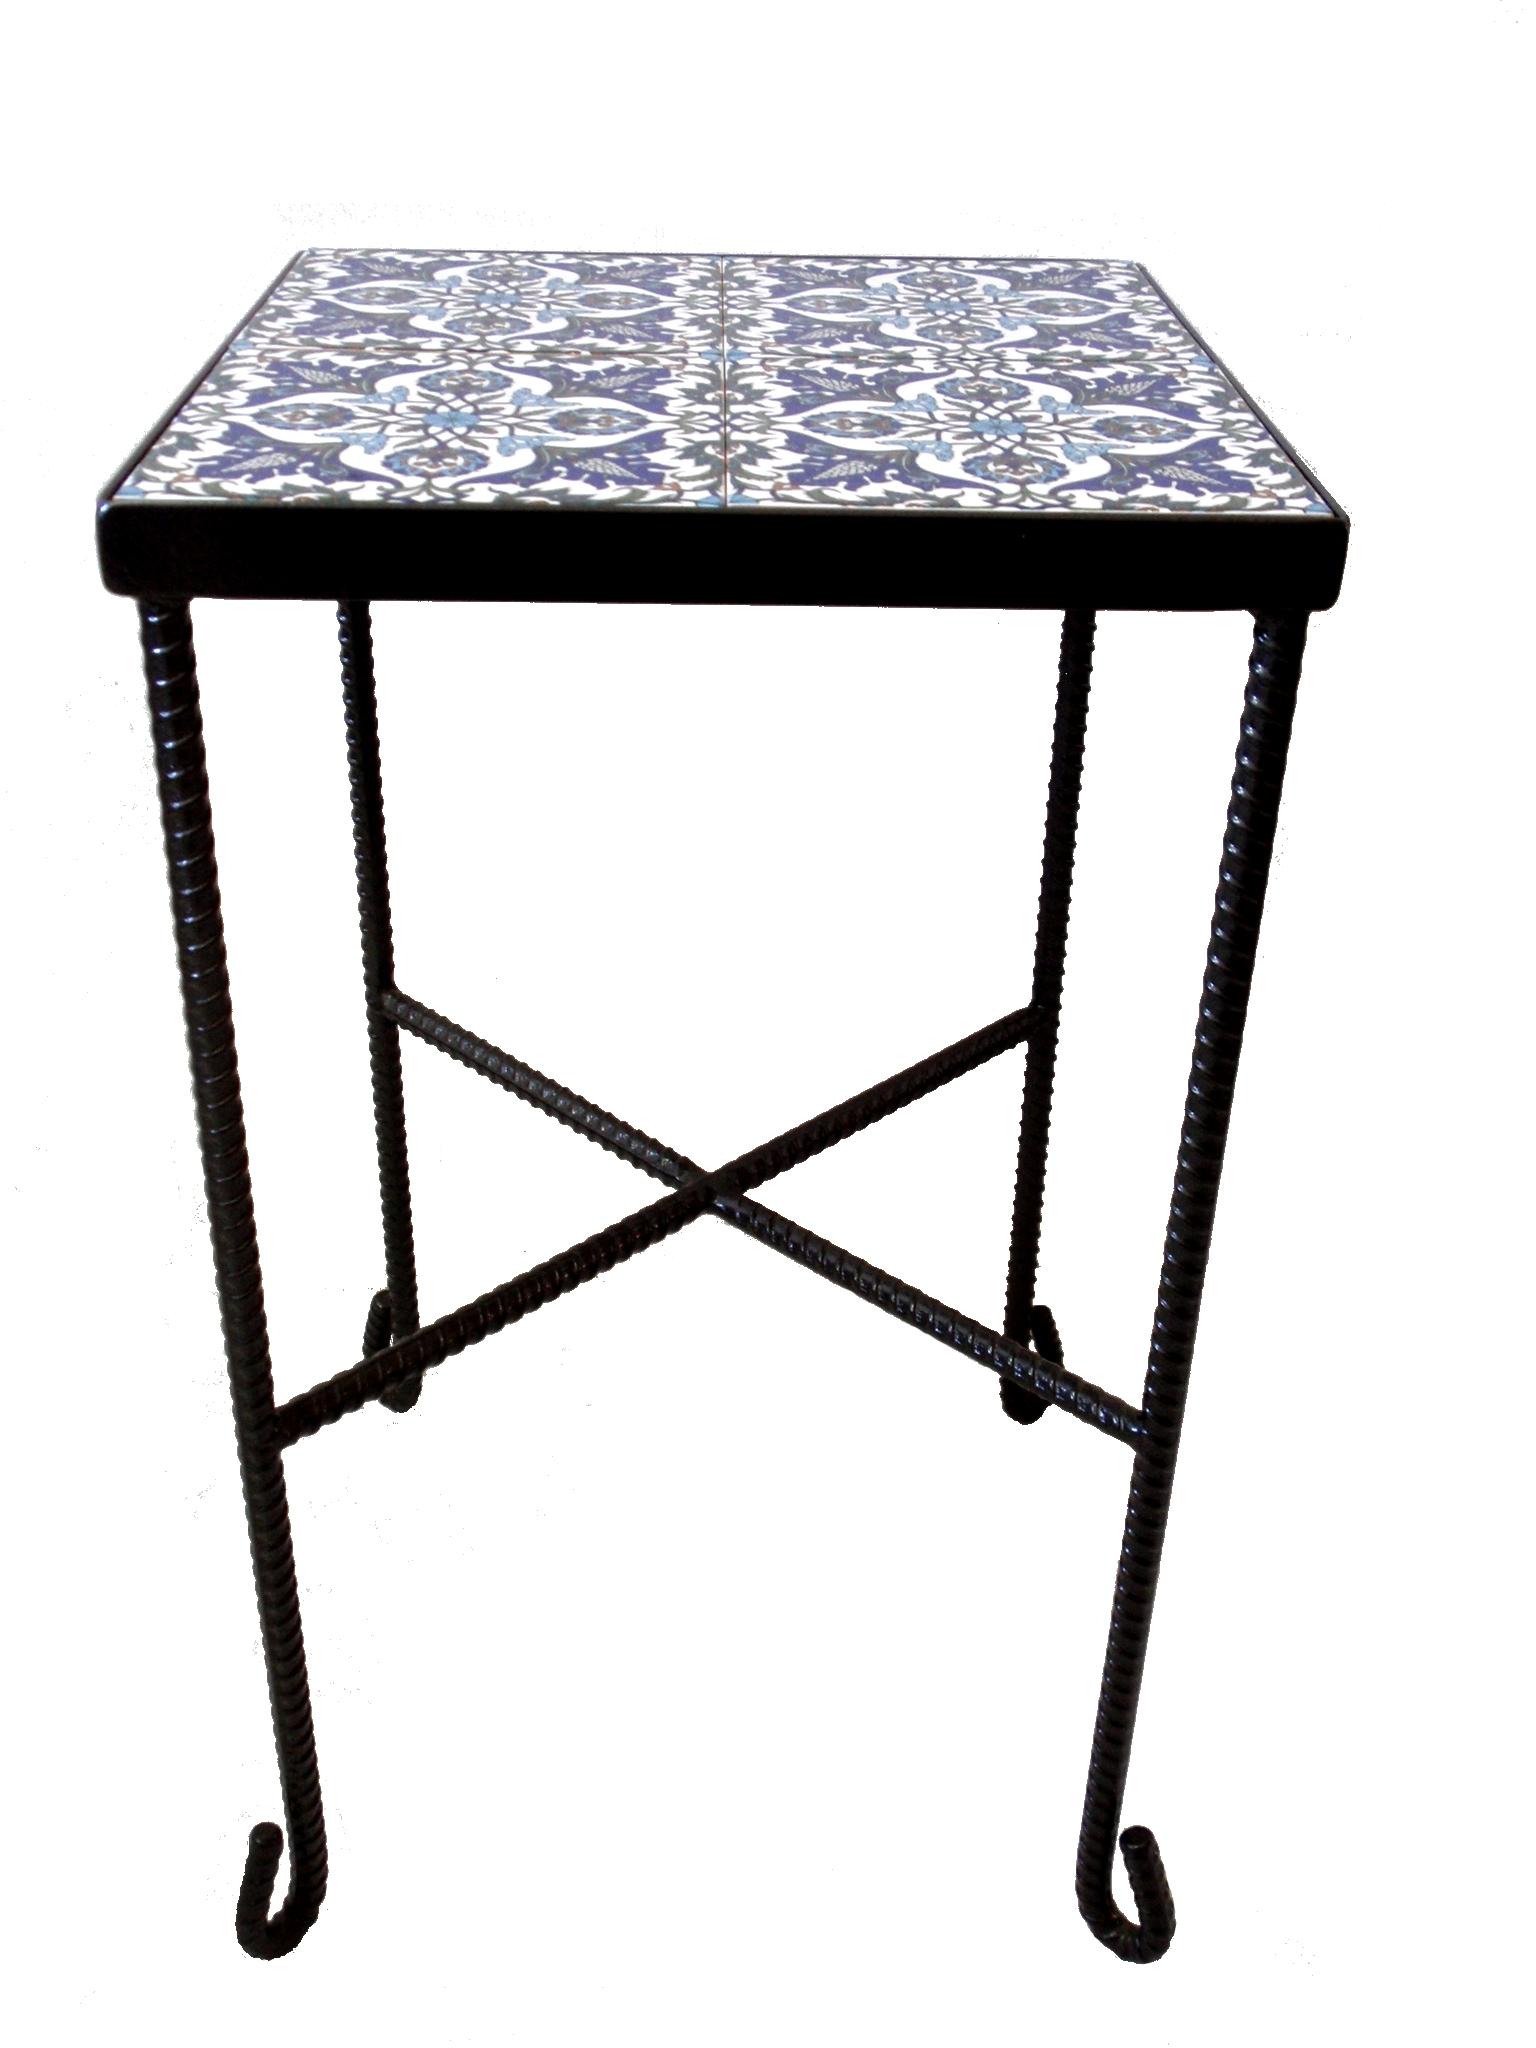 שולחן ברזל עדין בשילוב קרמיקה